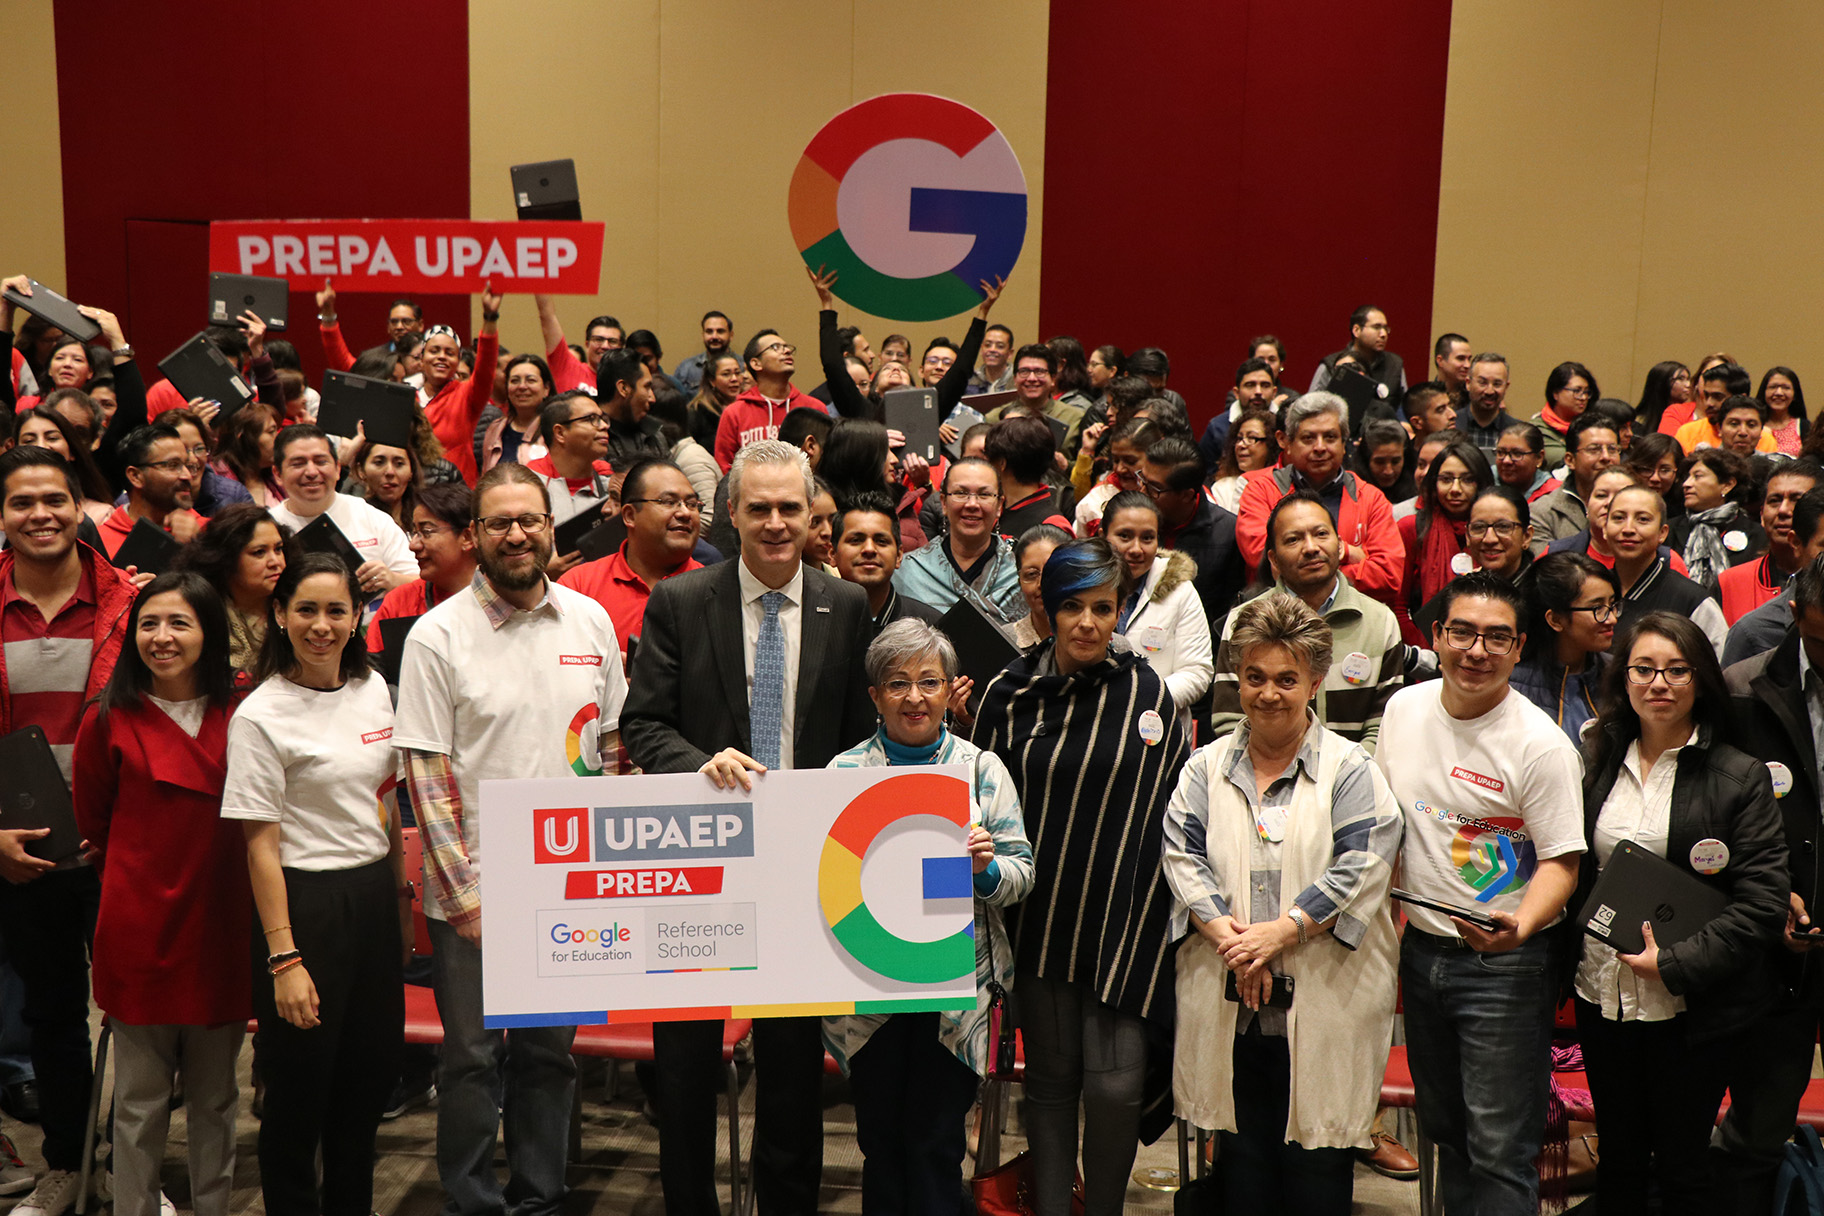 Prepas UPAEP recibe certificación Google Reference School